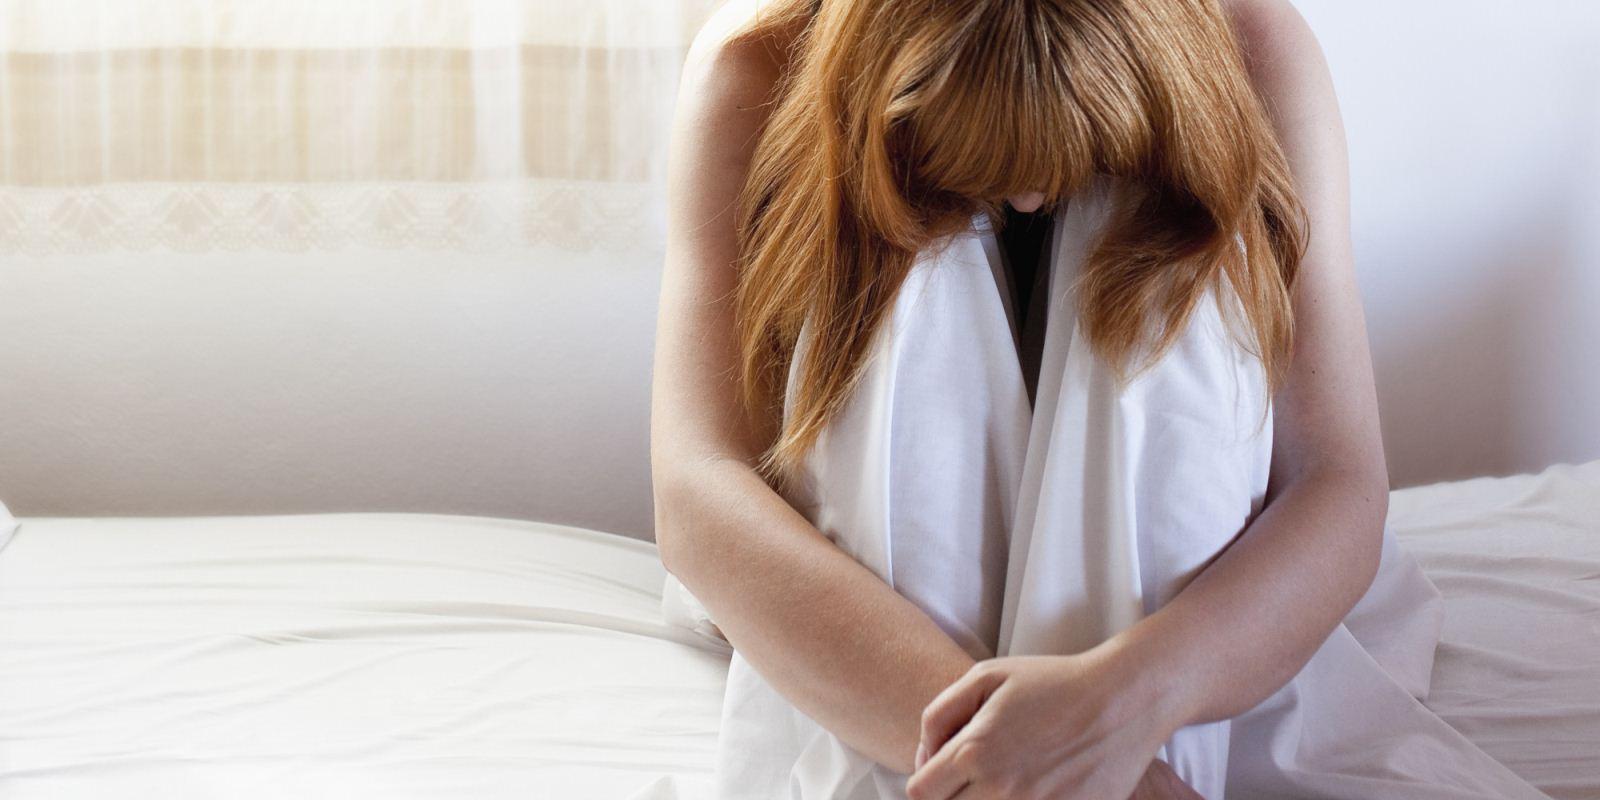 Những biểu hiện của thiếu vitamin D ở phụ nữ.